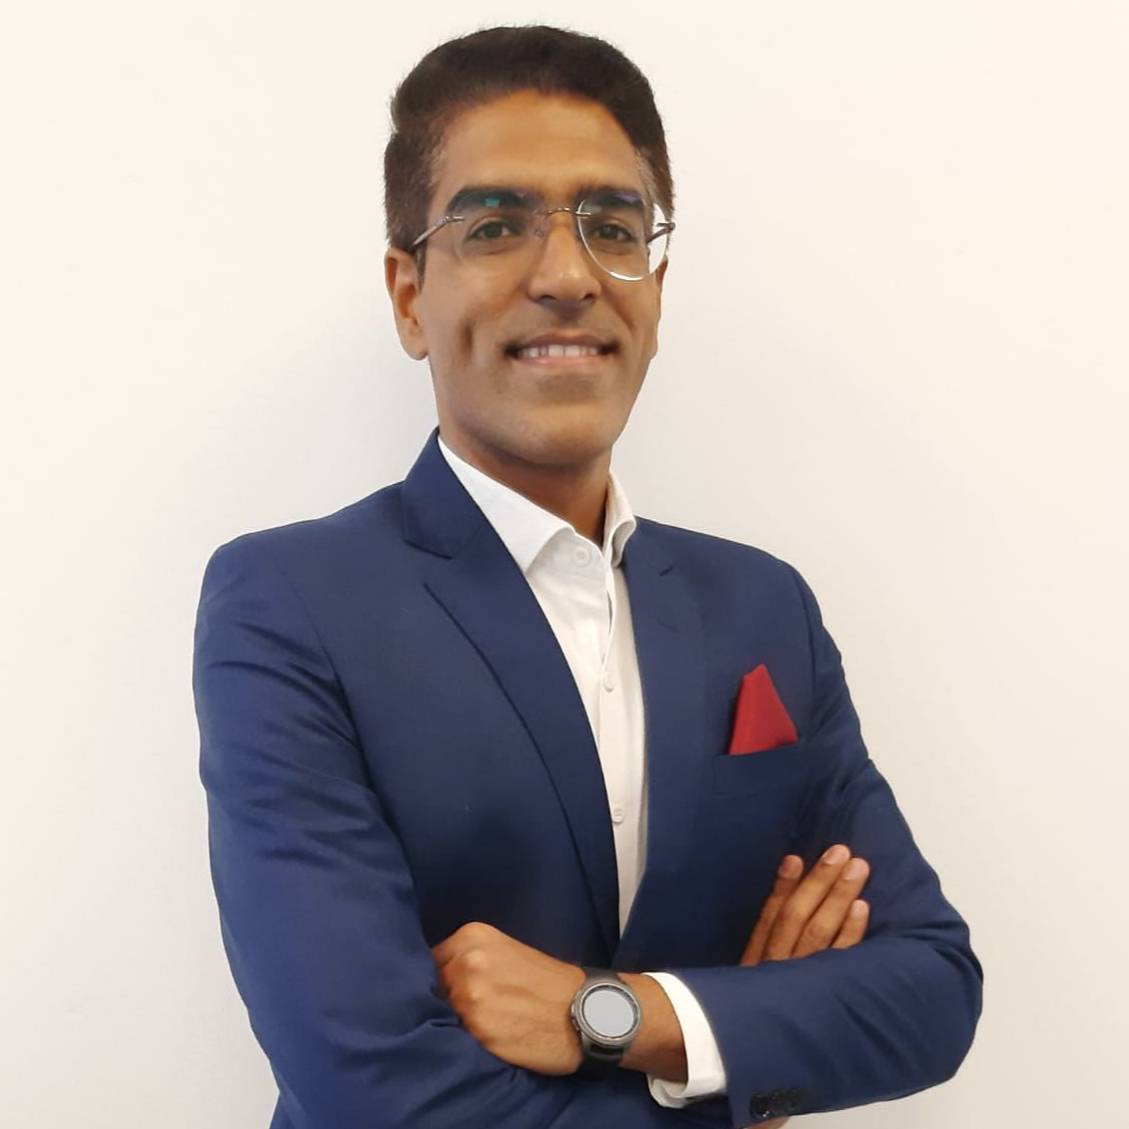 Dinesh Jagwani